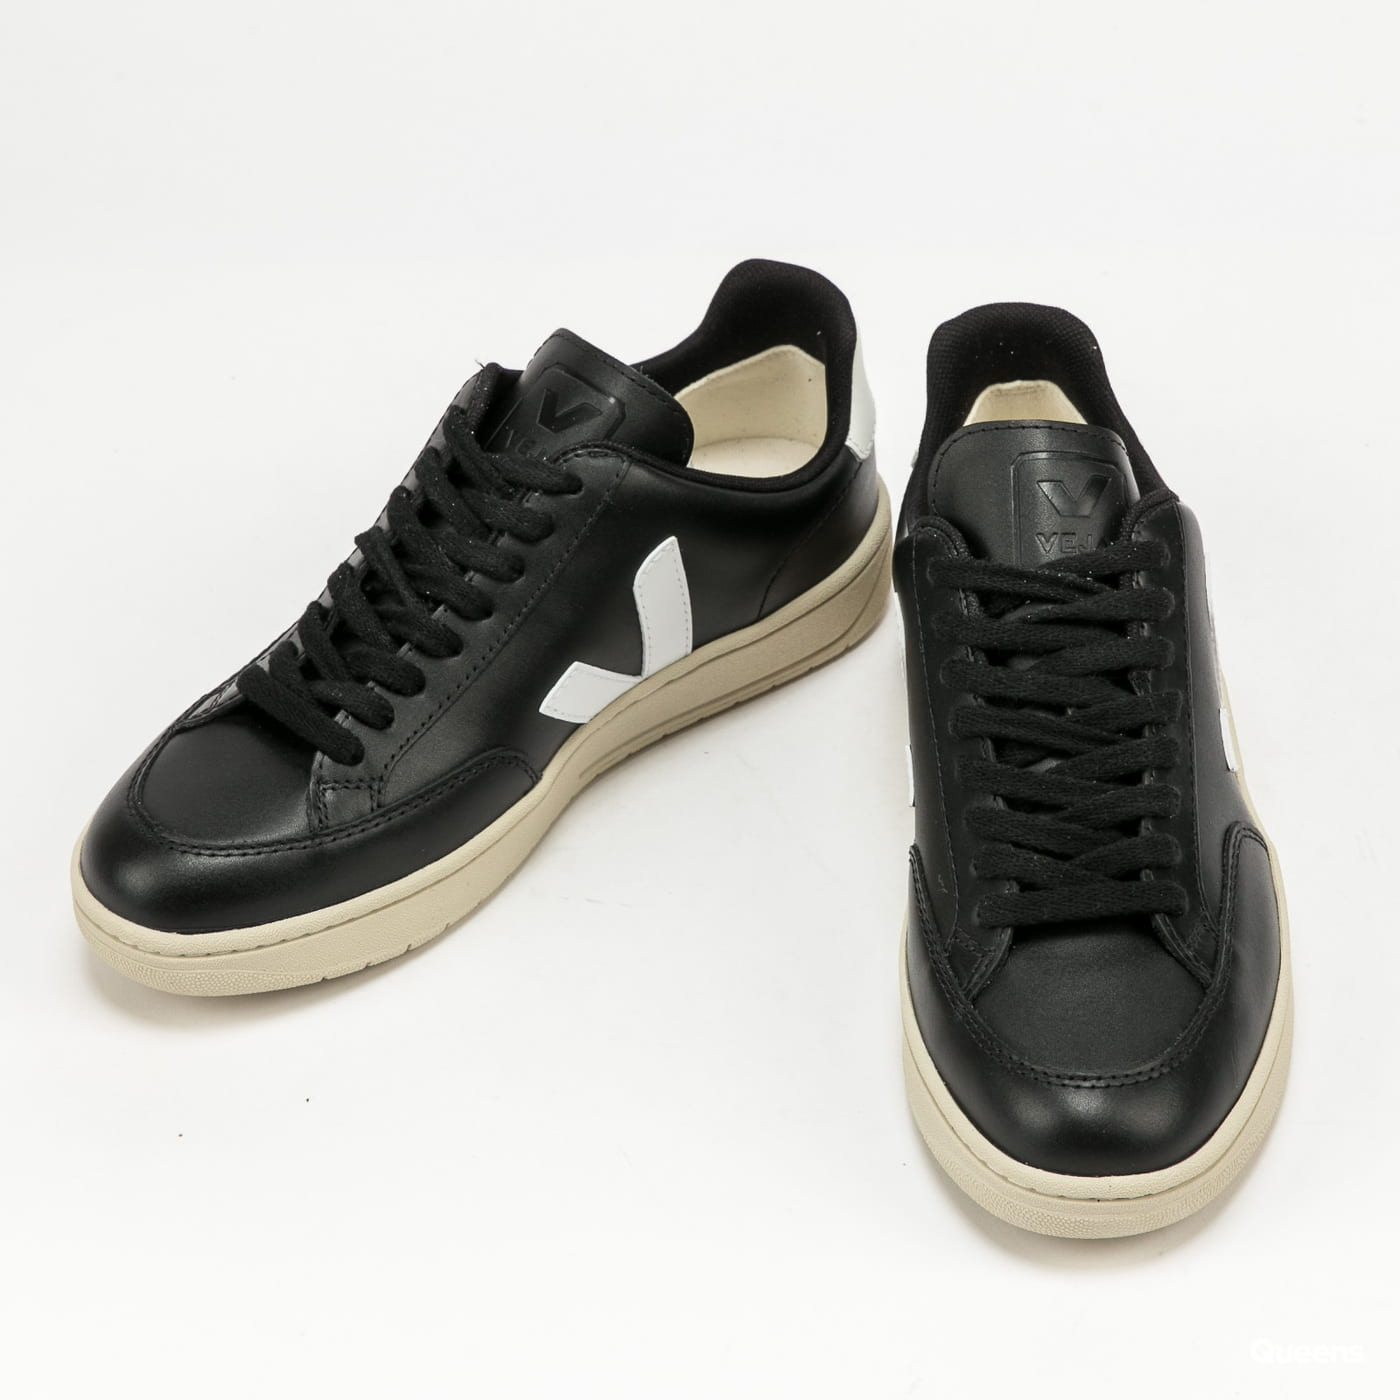 VEJA V-12 Leather black_white